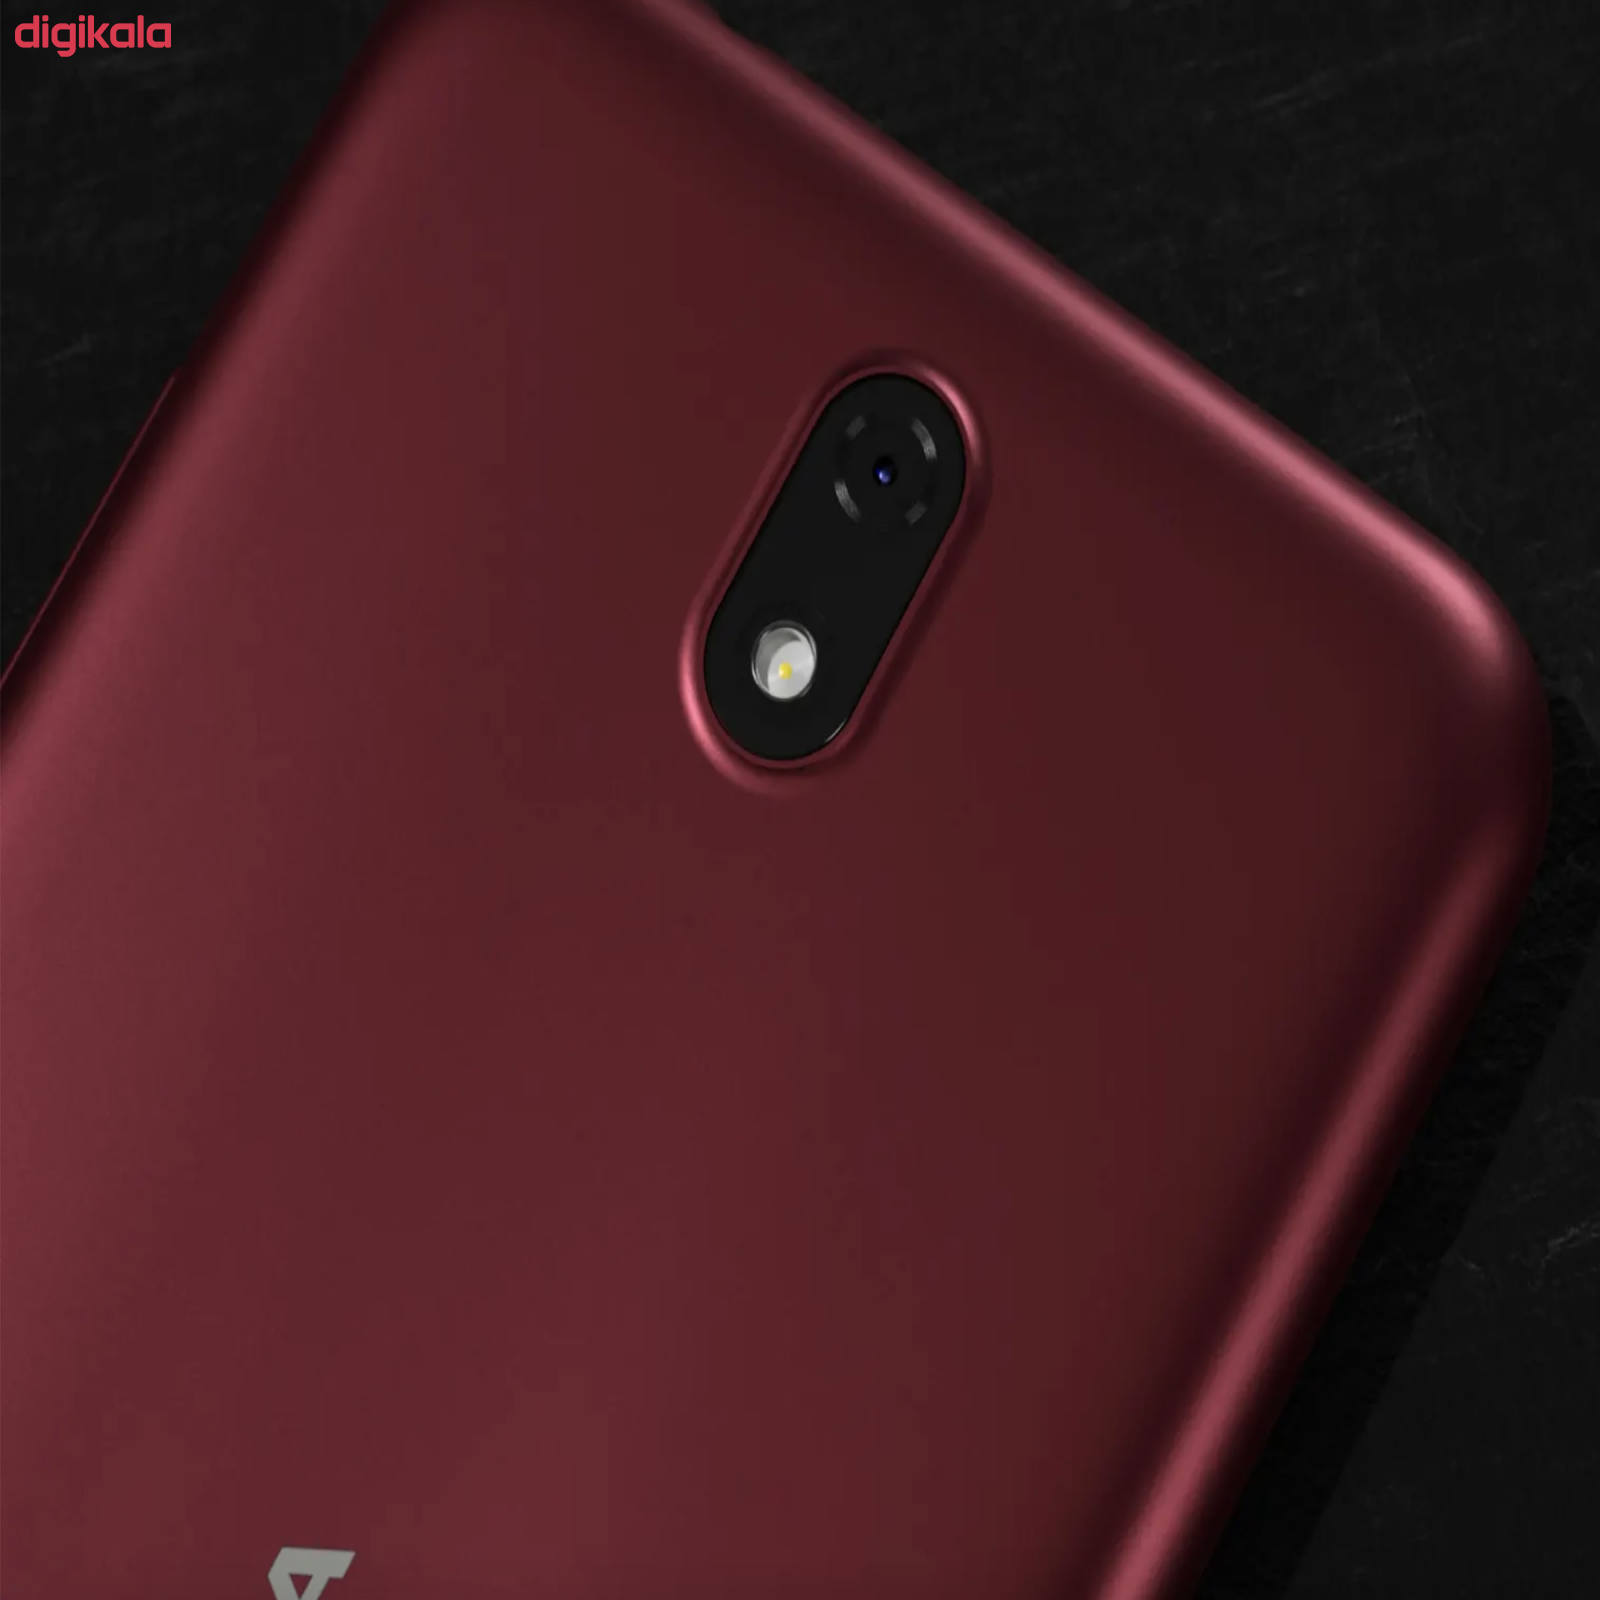 گوشی موبایل نوکیا مدل C1 TA-1165 دوسیم کارت ظرفیت 16 گیگابایت main 1 10